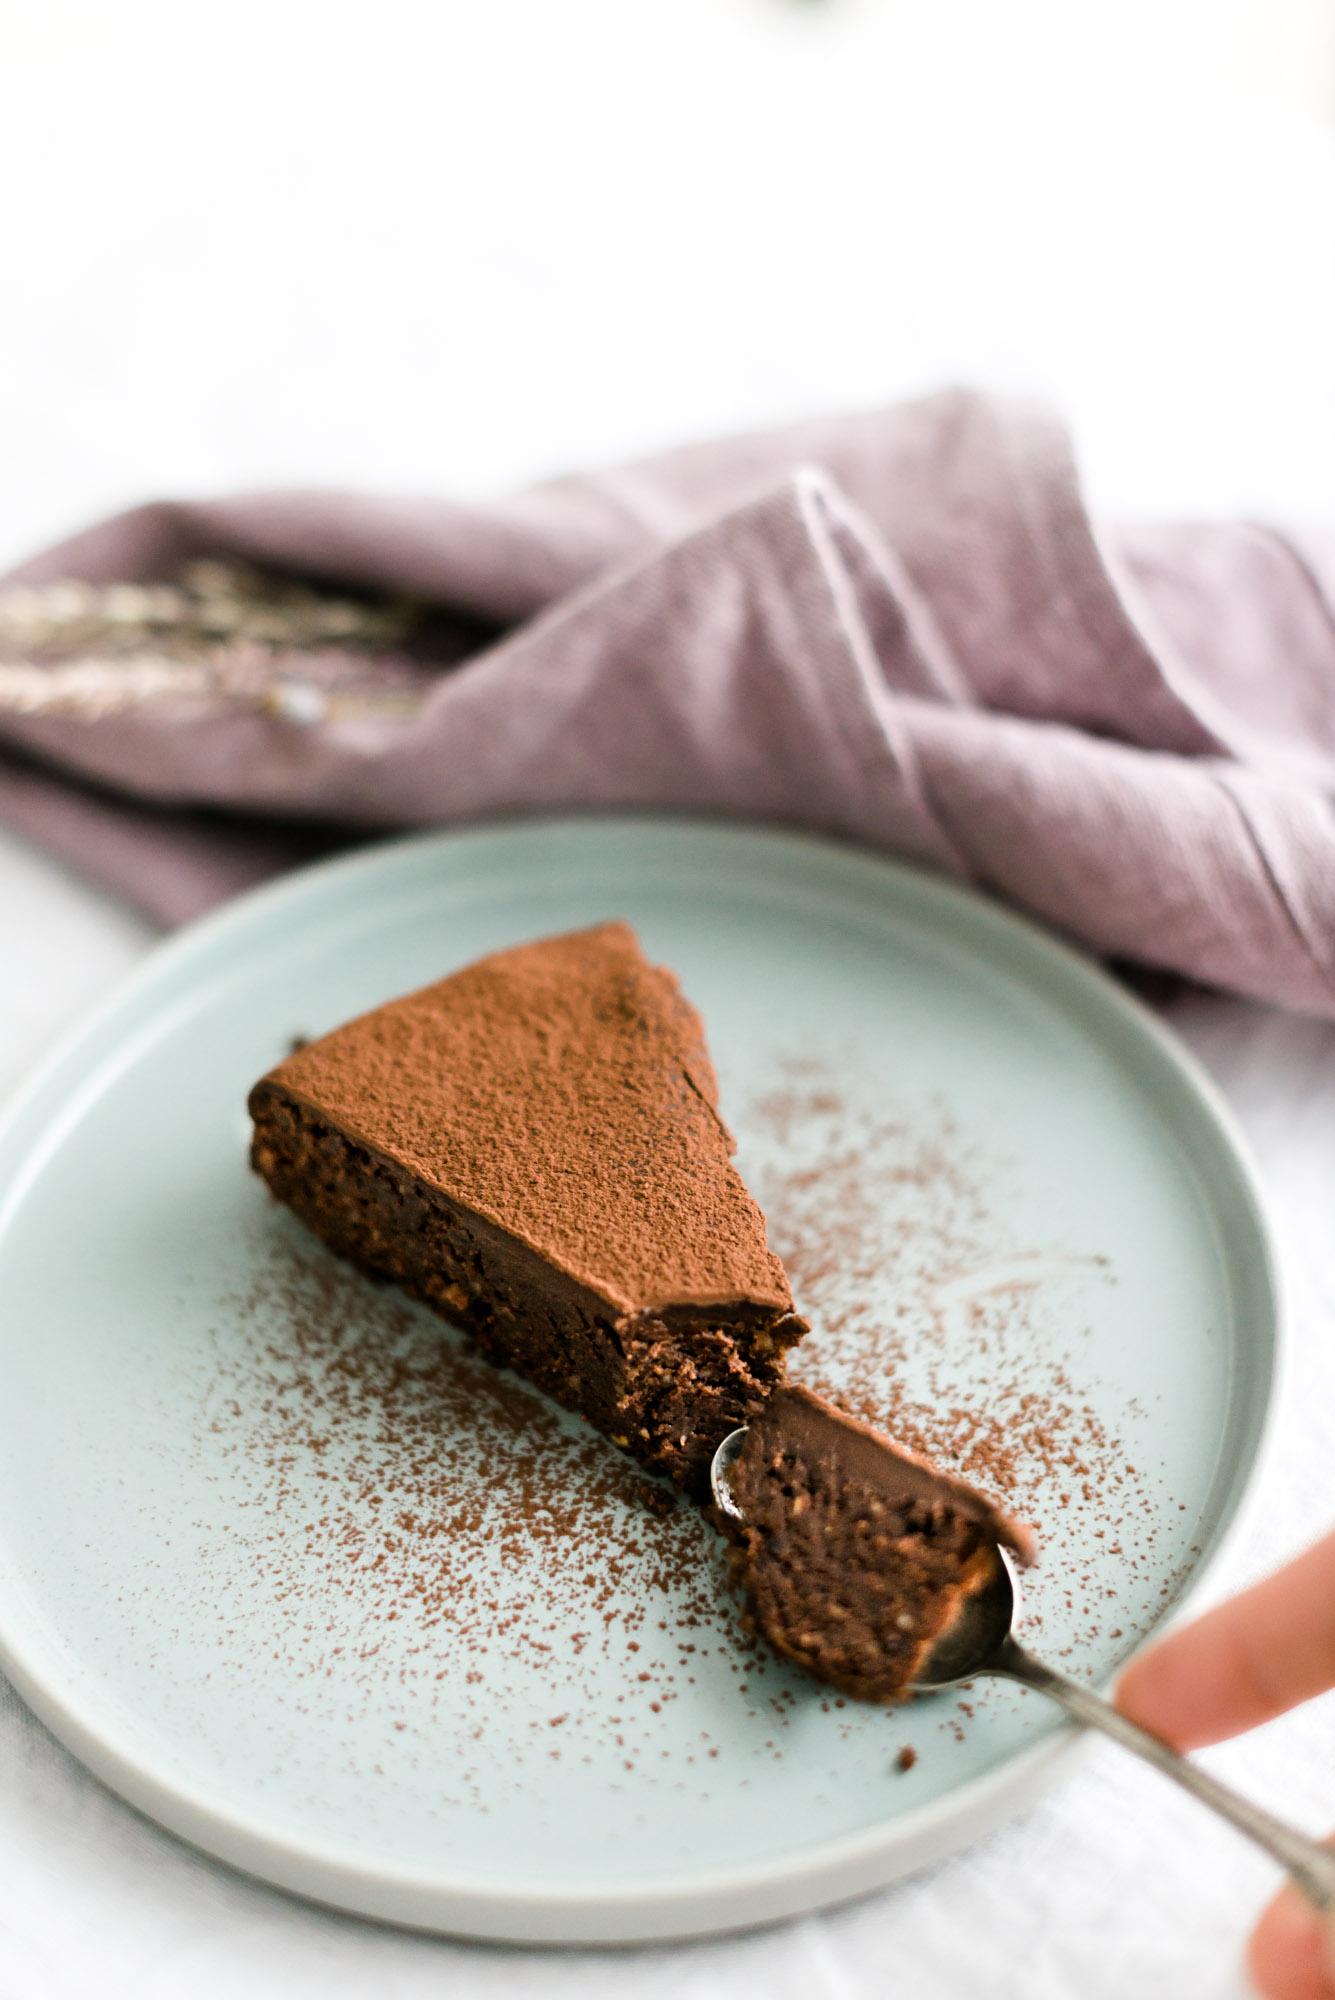 Saftiger Schokoladenkuchen mit schwarzer Johannisbeere, Haselnuss und Kakao